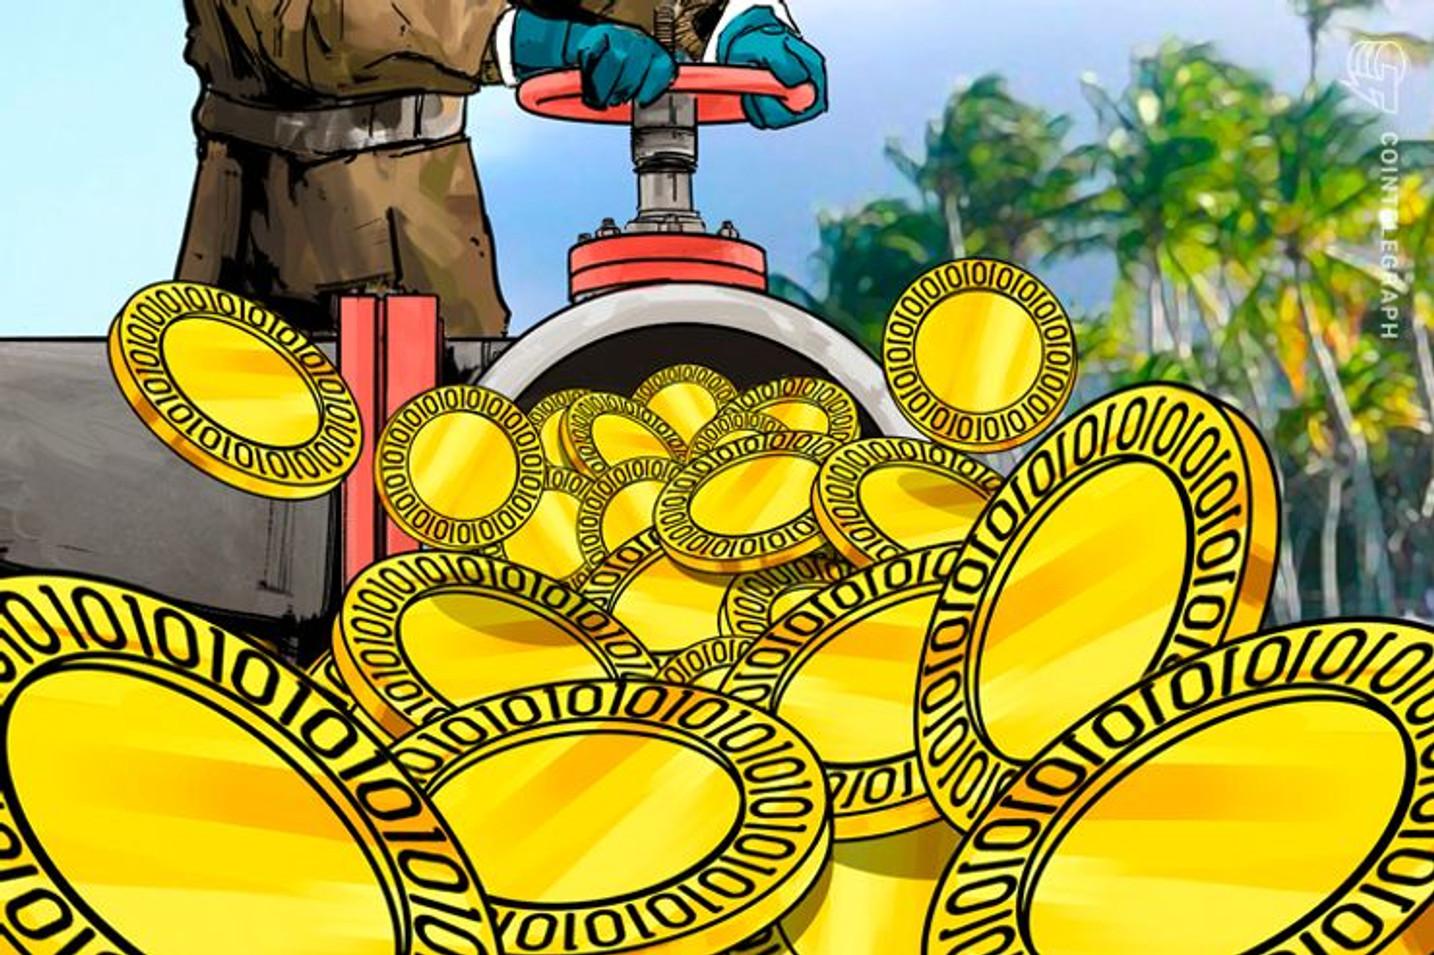 Gobierno de Venezuela otorga fondos para crear un millón de wallets e iniciar intercambios de criptomonedas